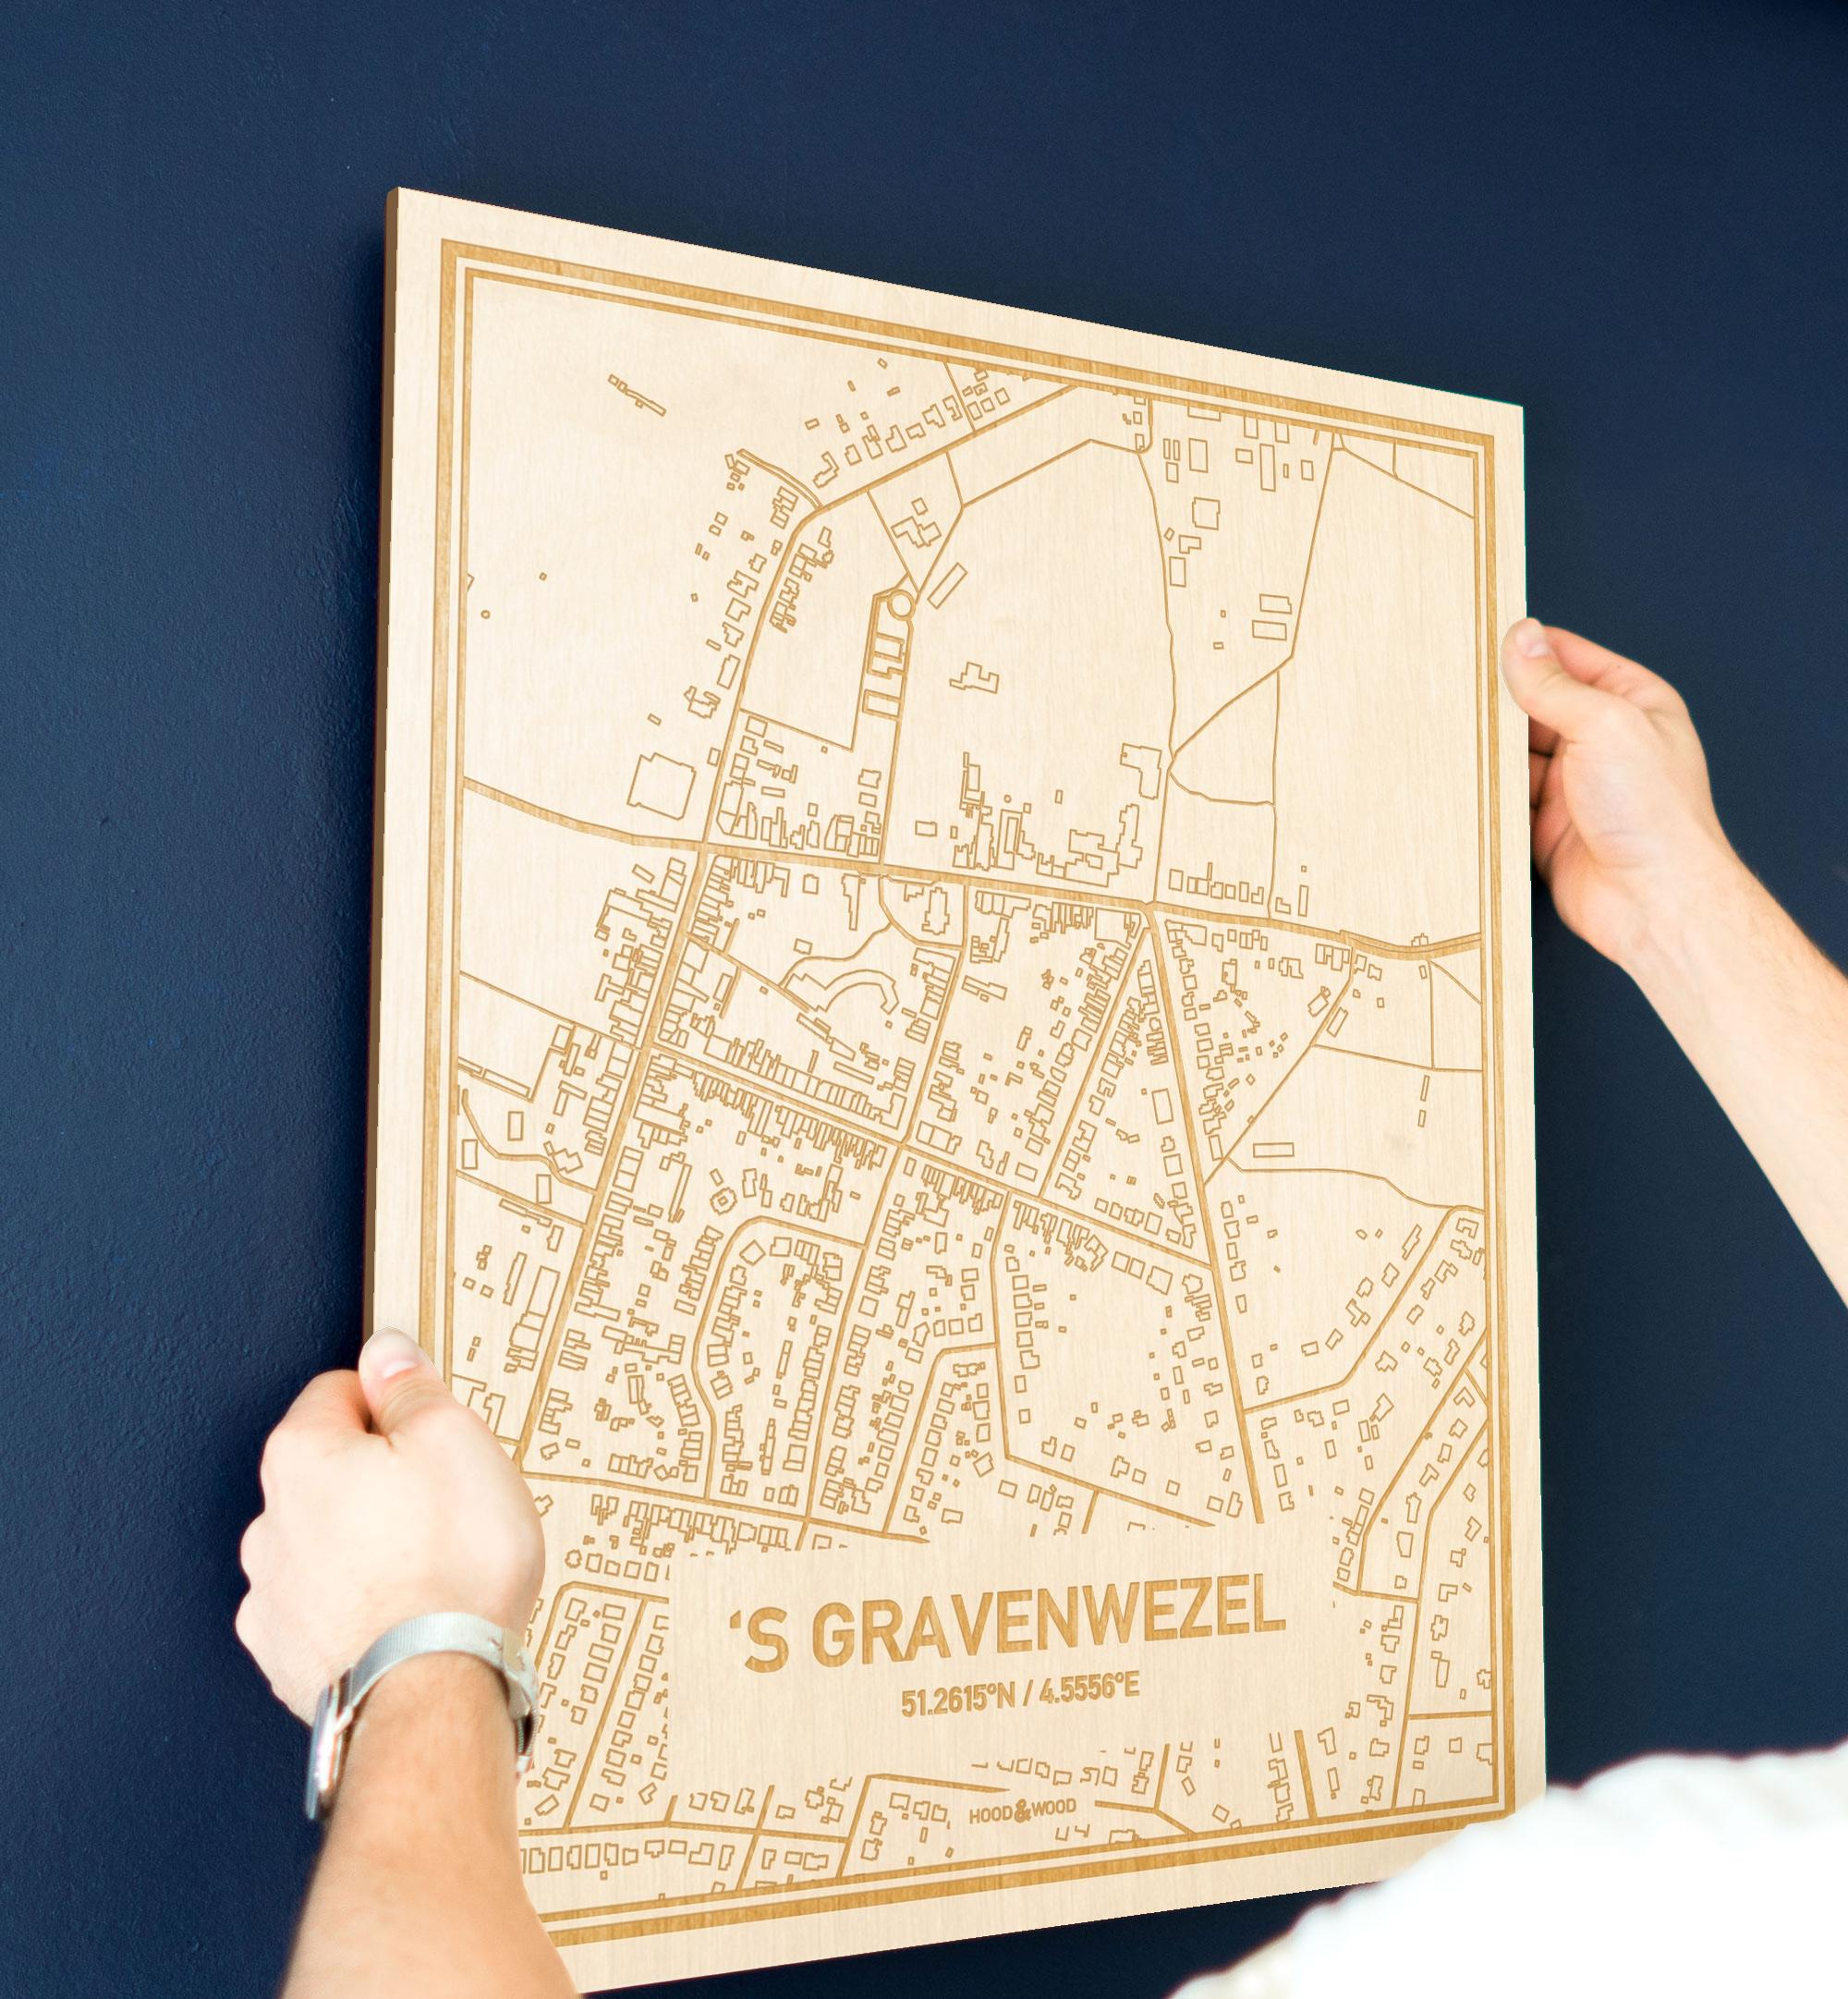 Een man hangt de houten plattegrond 'S Gravenwezel aan zijn blauwe muur ter decoratie. Je ziet alleen zijn handen de kaart van deze verrassende in Antwerpen vasthouden.